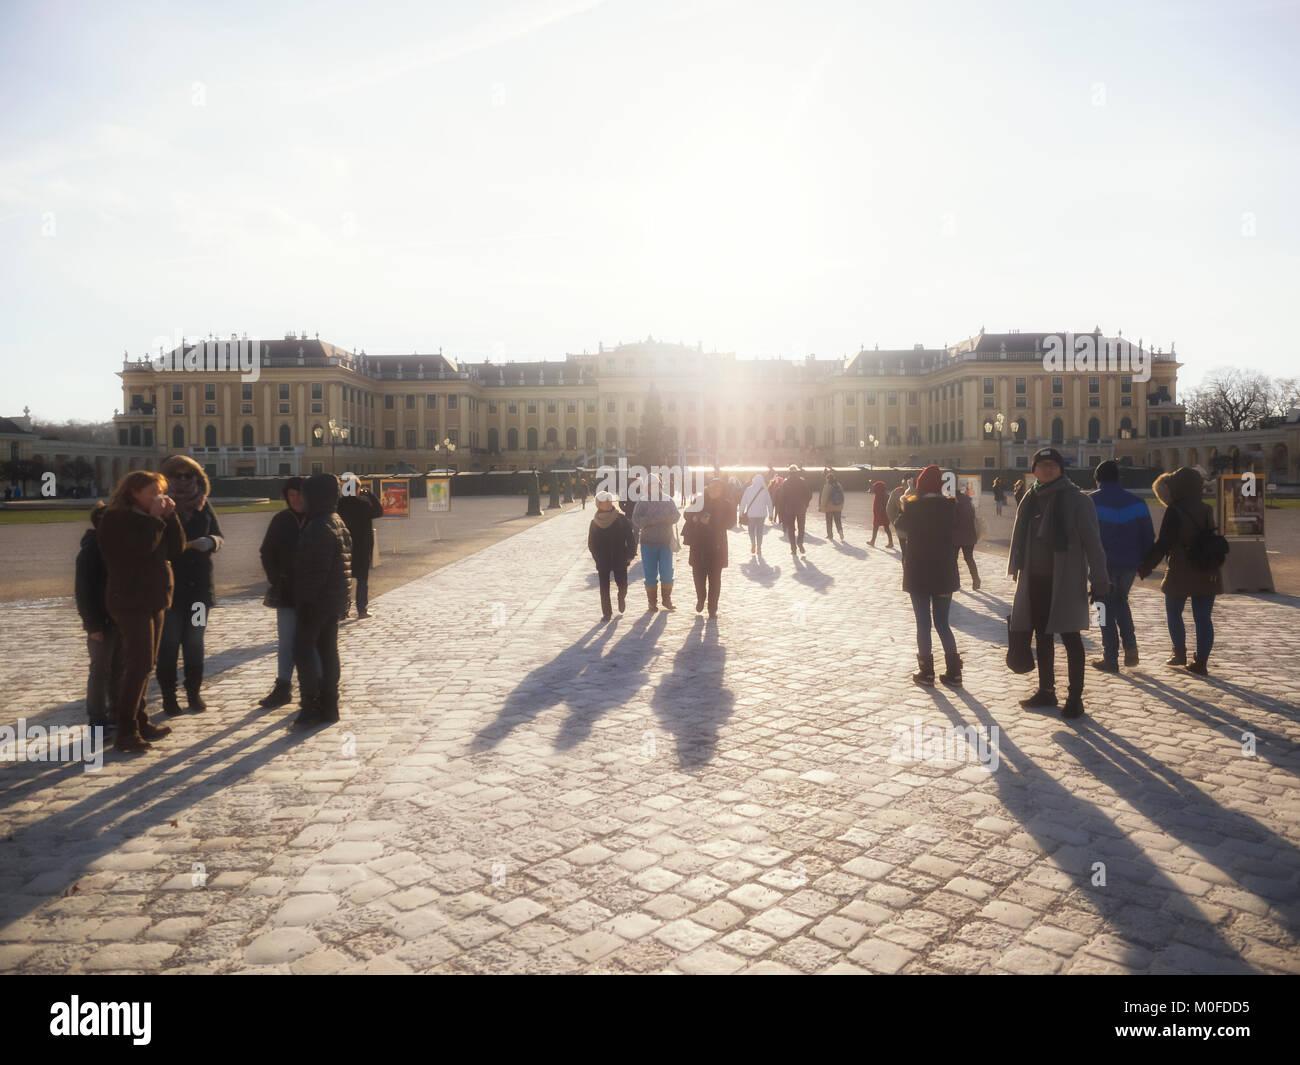 VIENNA, Austria: l'approccio al Palazzo di Schonbrunn Immagini Stock